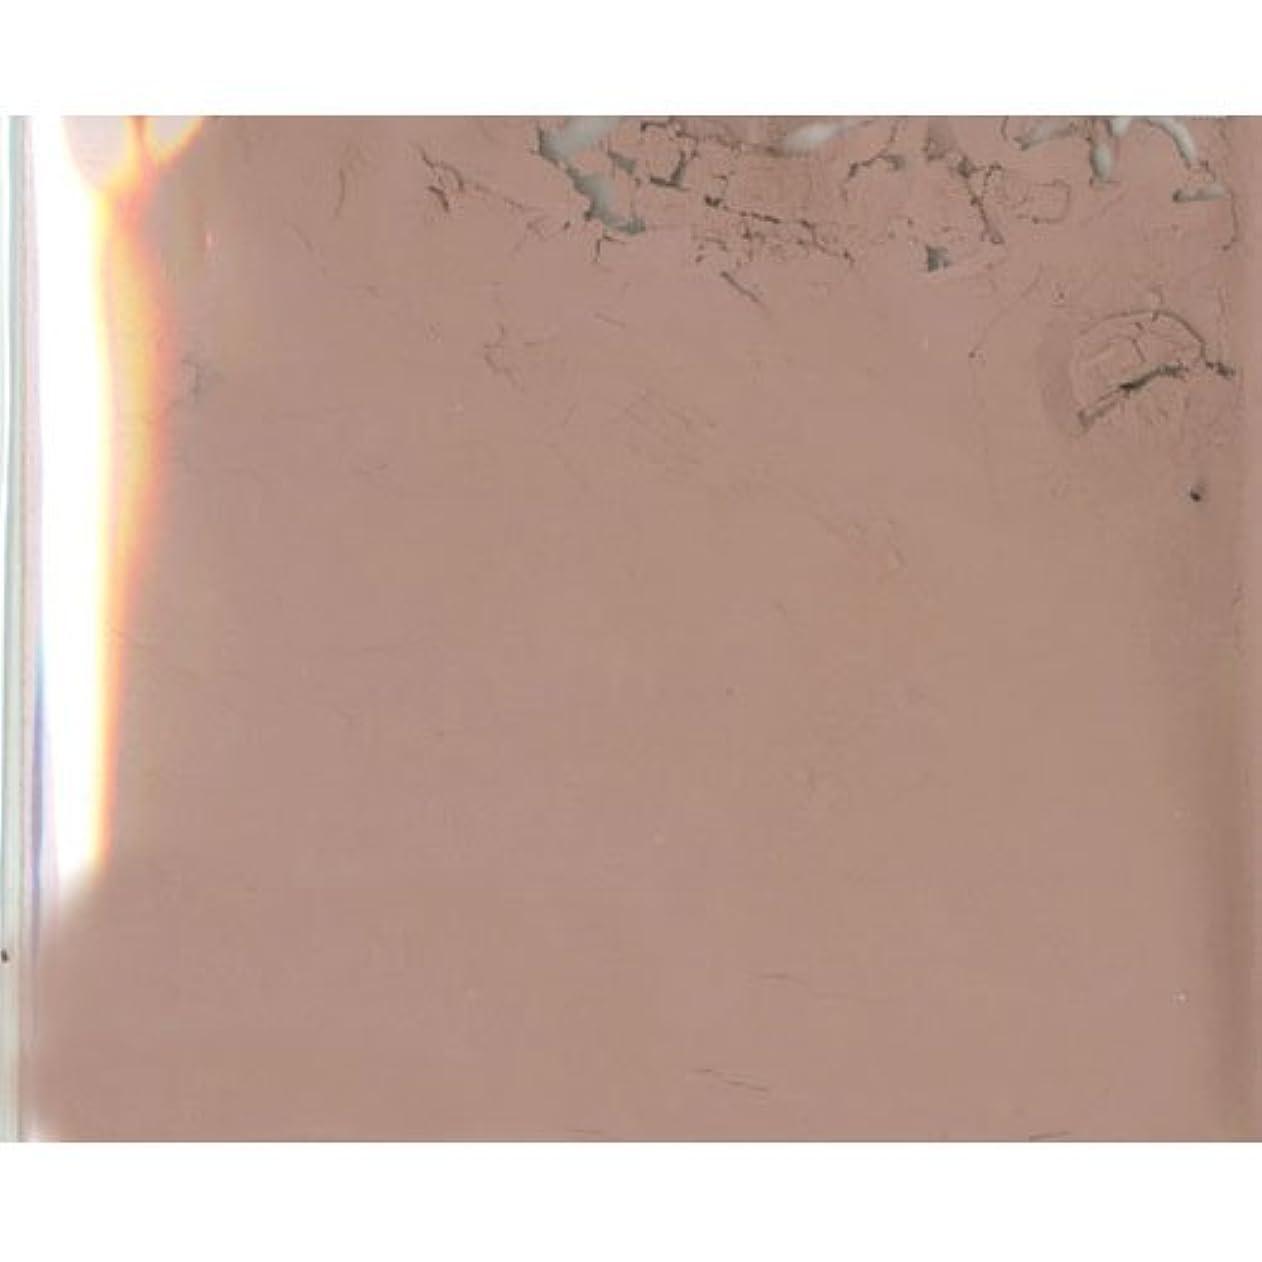 言語学日付三角形ピカエース ネイル用パウダー ピカエース カラーパウダー 透明顔料 #985 チョコレートブラウン 2g アート材